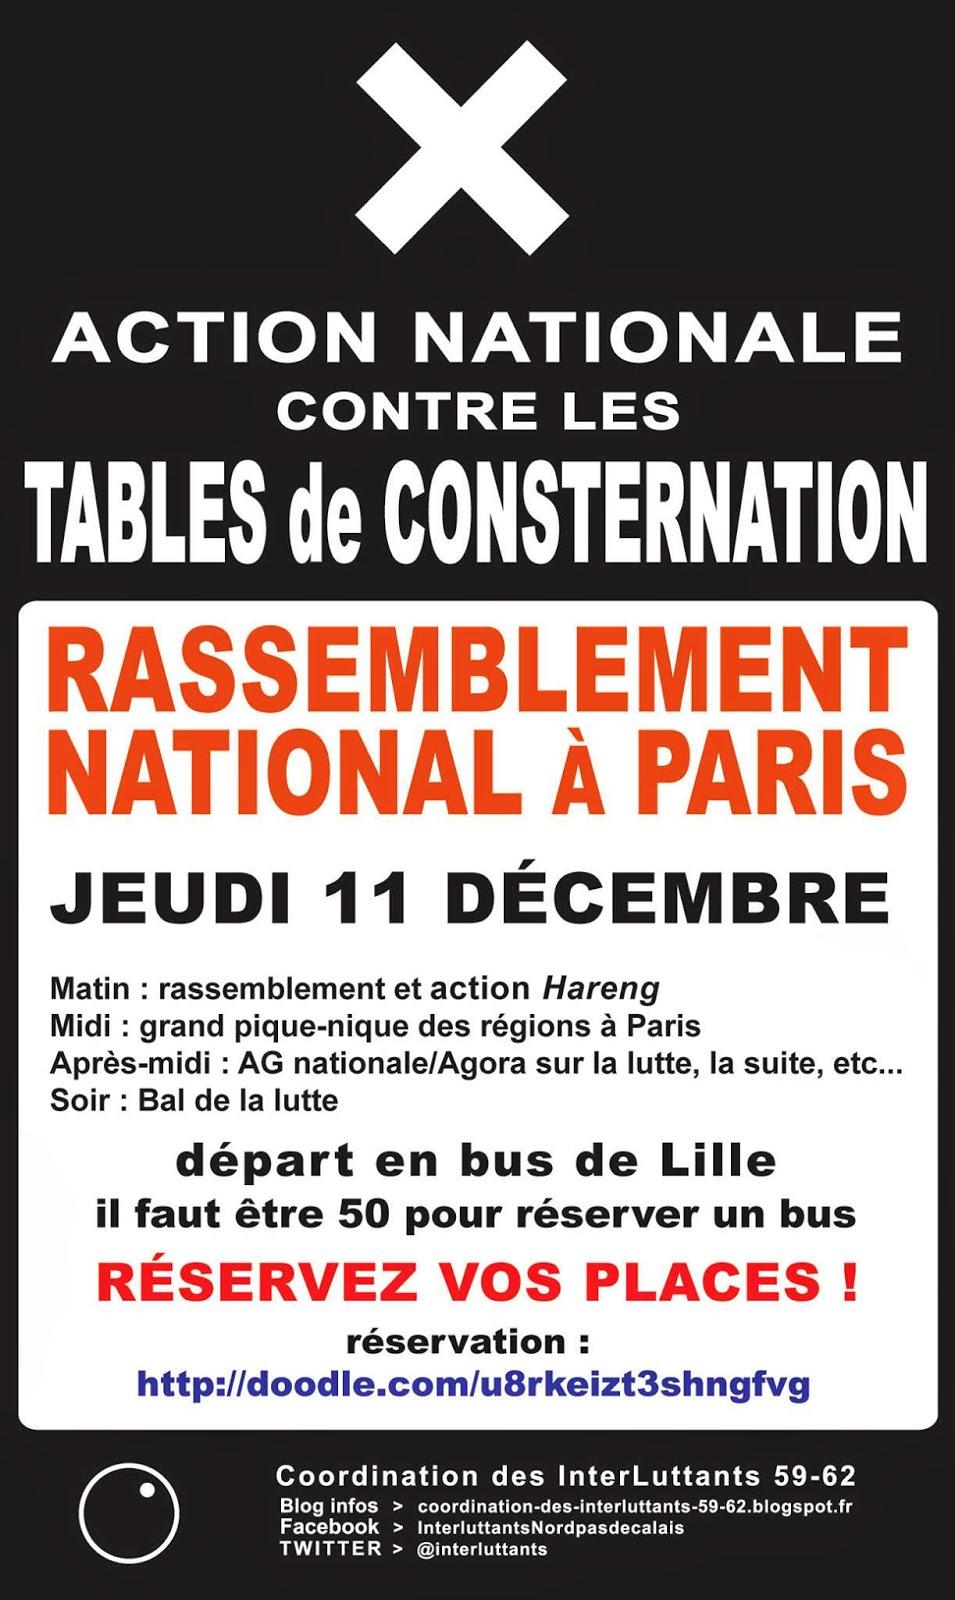 ACTION NATIONALE - RASSEMBLEMENT À PARIS Jeudi 11 décembre départ le matin et retour le soir déroulement de la journée matin : rassemblement et action Hareng midi : grand pique-nique des région après-midi : AG nationale/Agora sur la lutte, la suite, etc… soir : bal de la lutte !! Soyons nombreux, en force et déterminés !! Inscrivez-vous sur http://doodle.com/u8rkeizt3shngfvg pour participer à cette journée importante, on nous attend !! plus d'infos coordination-des-interluttants-59-62.blogspot.fr depuis février, toujours debout, on lâche rien ! action décidée lors de la Coordination Nationale à Toulouse